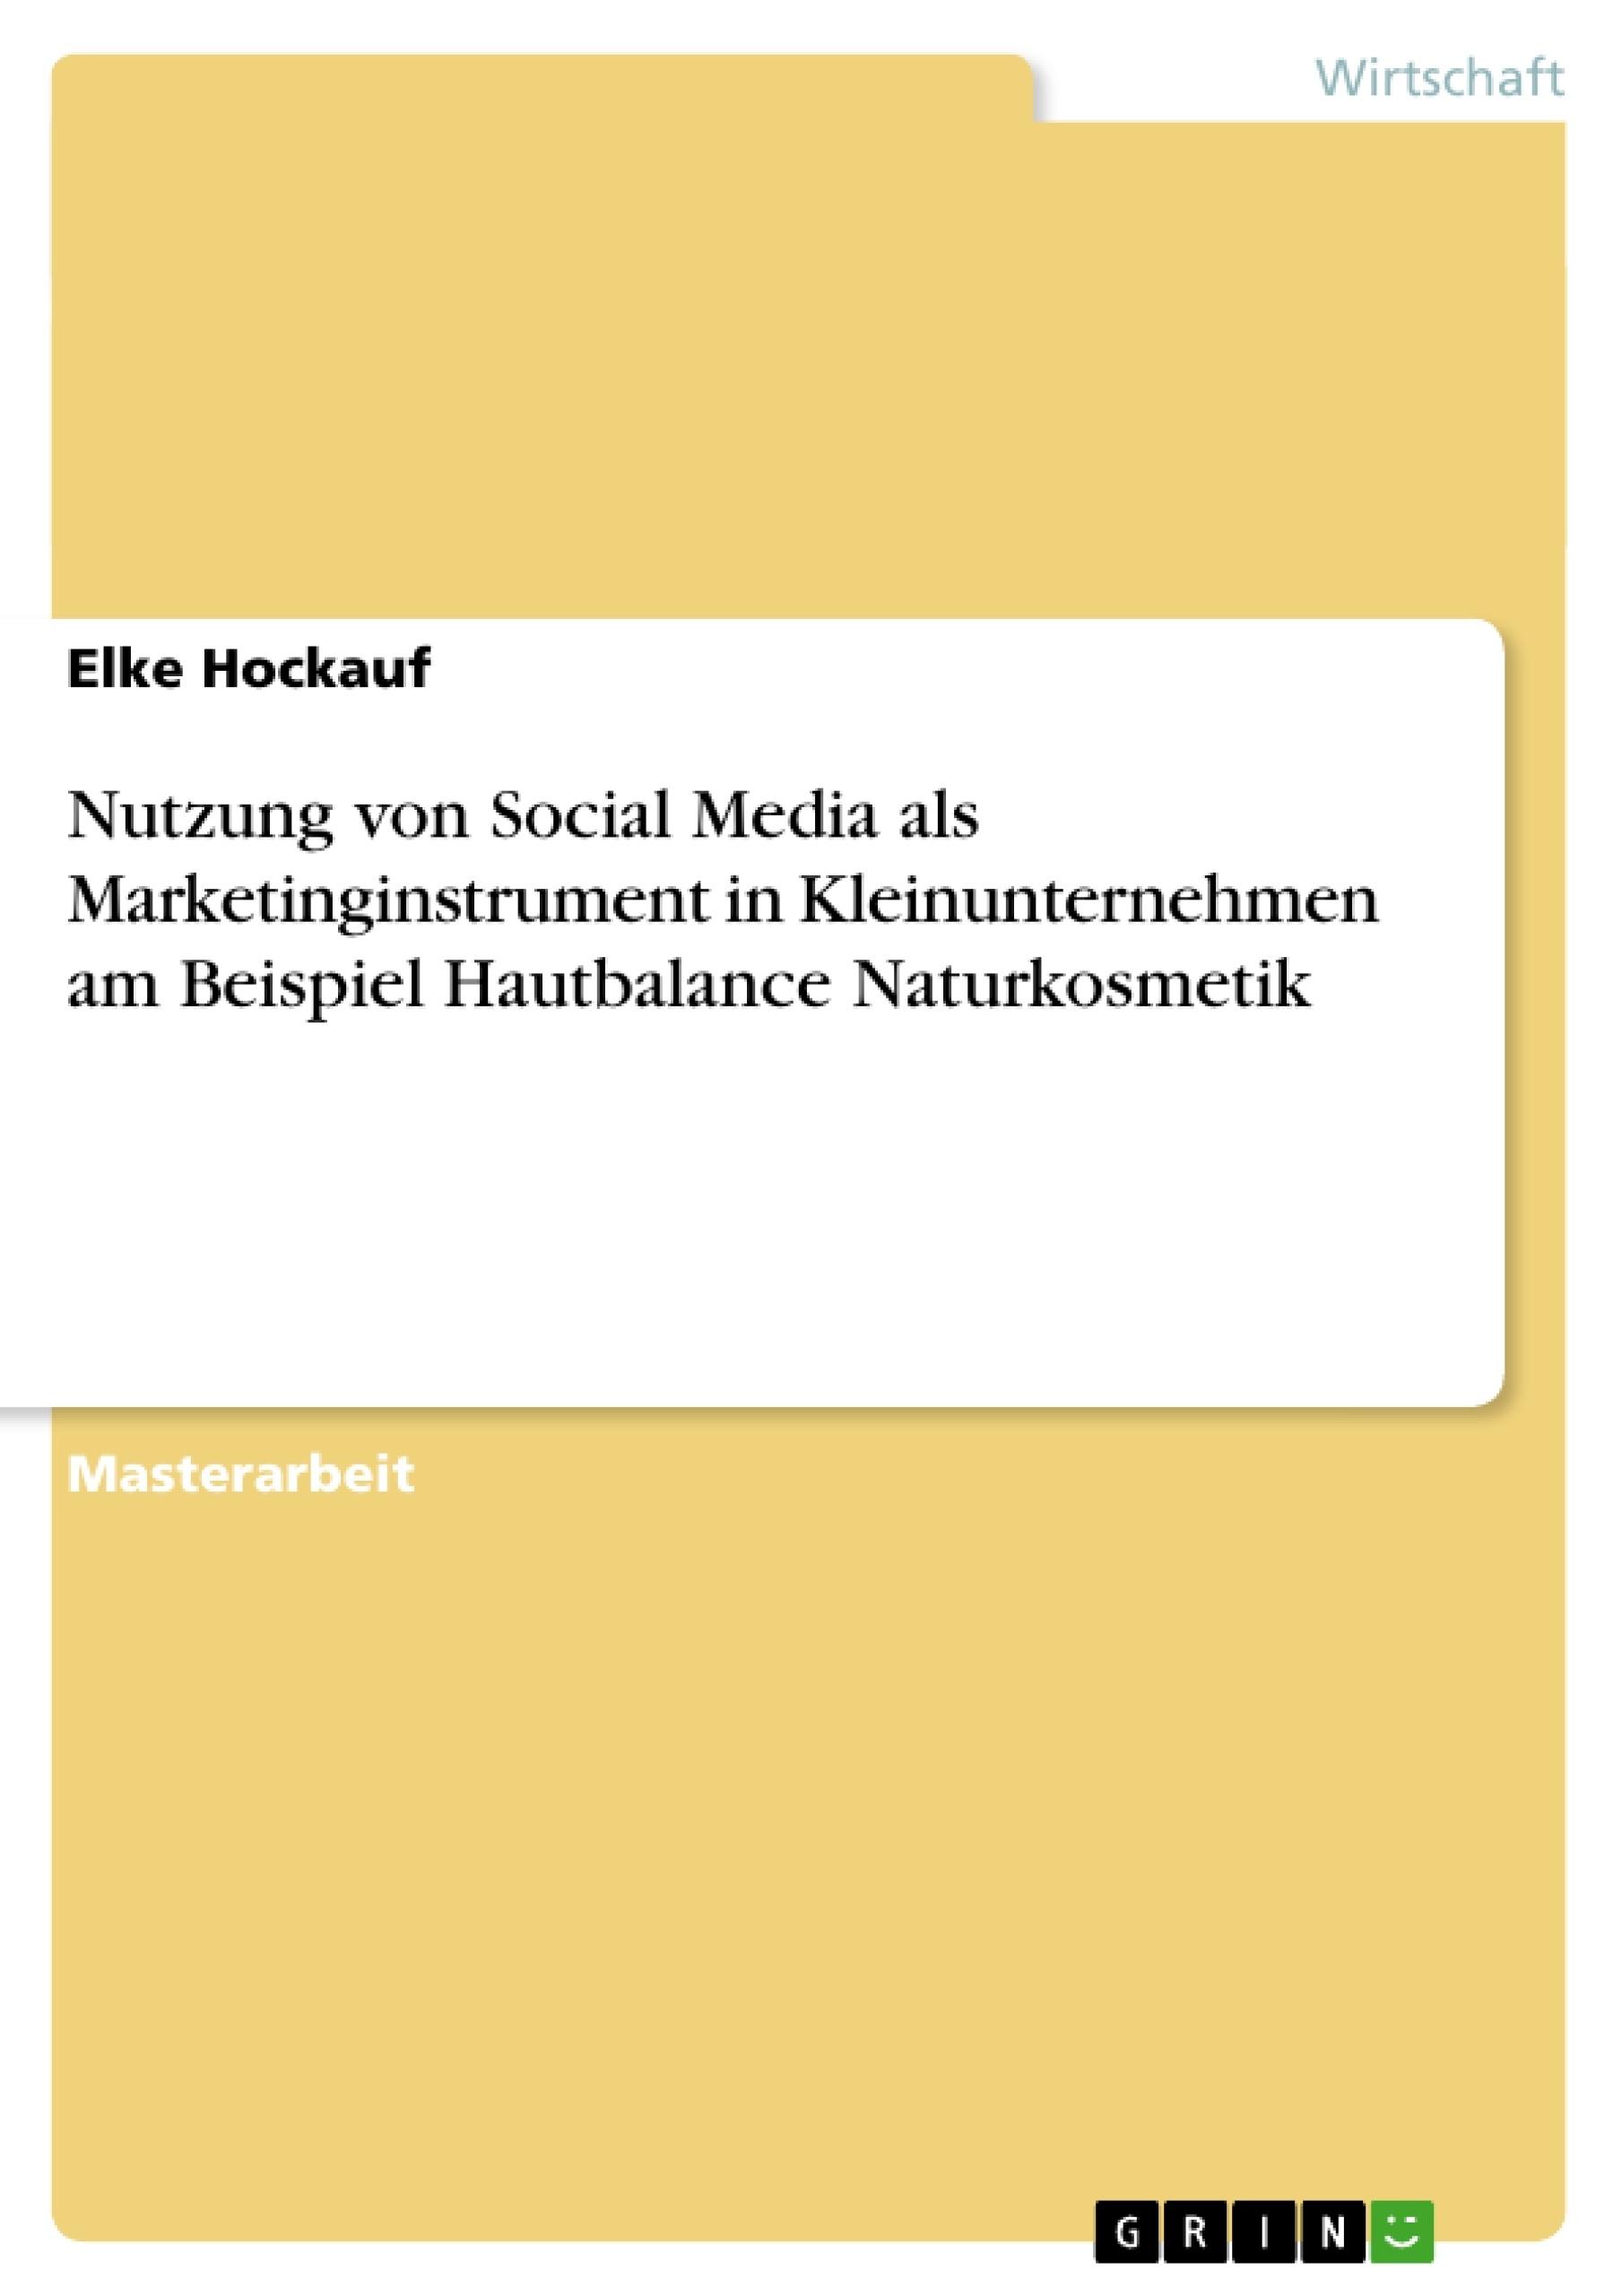 Titel: Nutzung von Social Media als Marketinginstrument in Kleinunternehmen am Beispiel Hautbalance Naturkosmetik